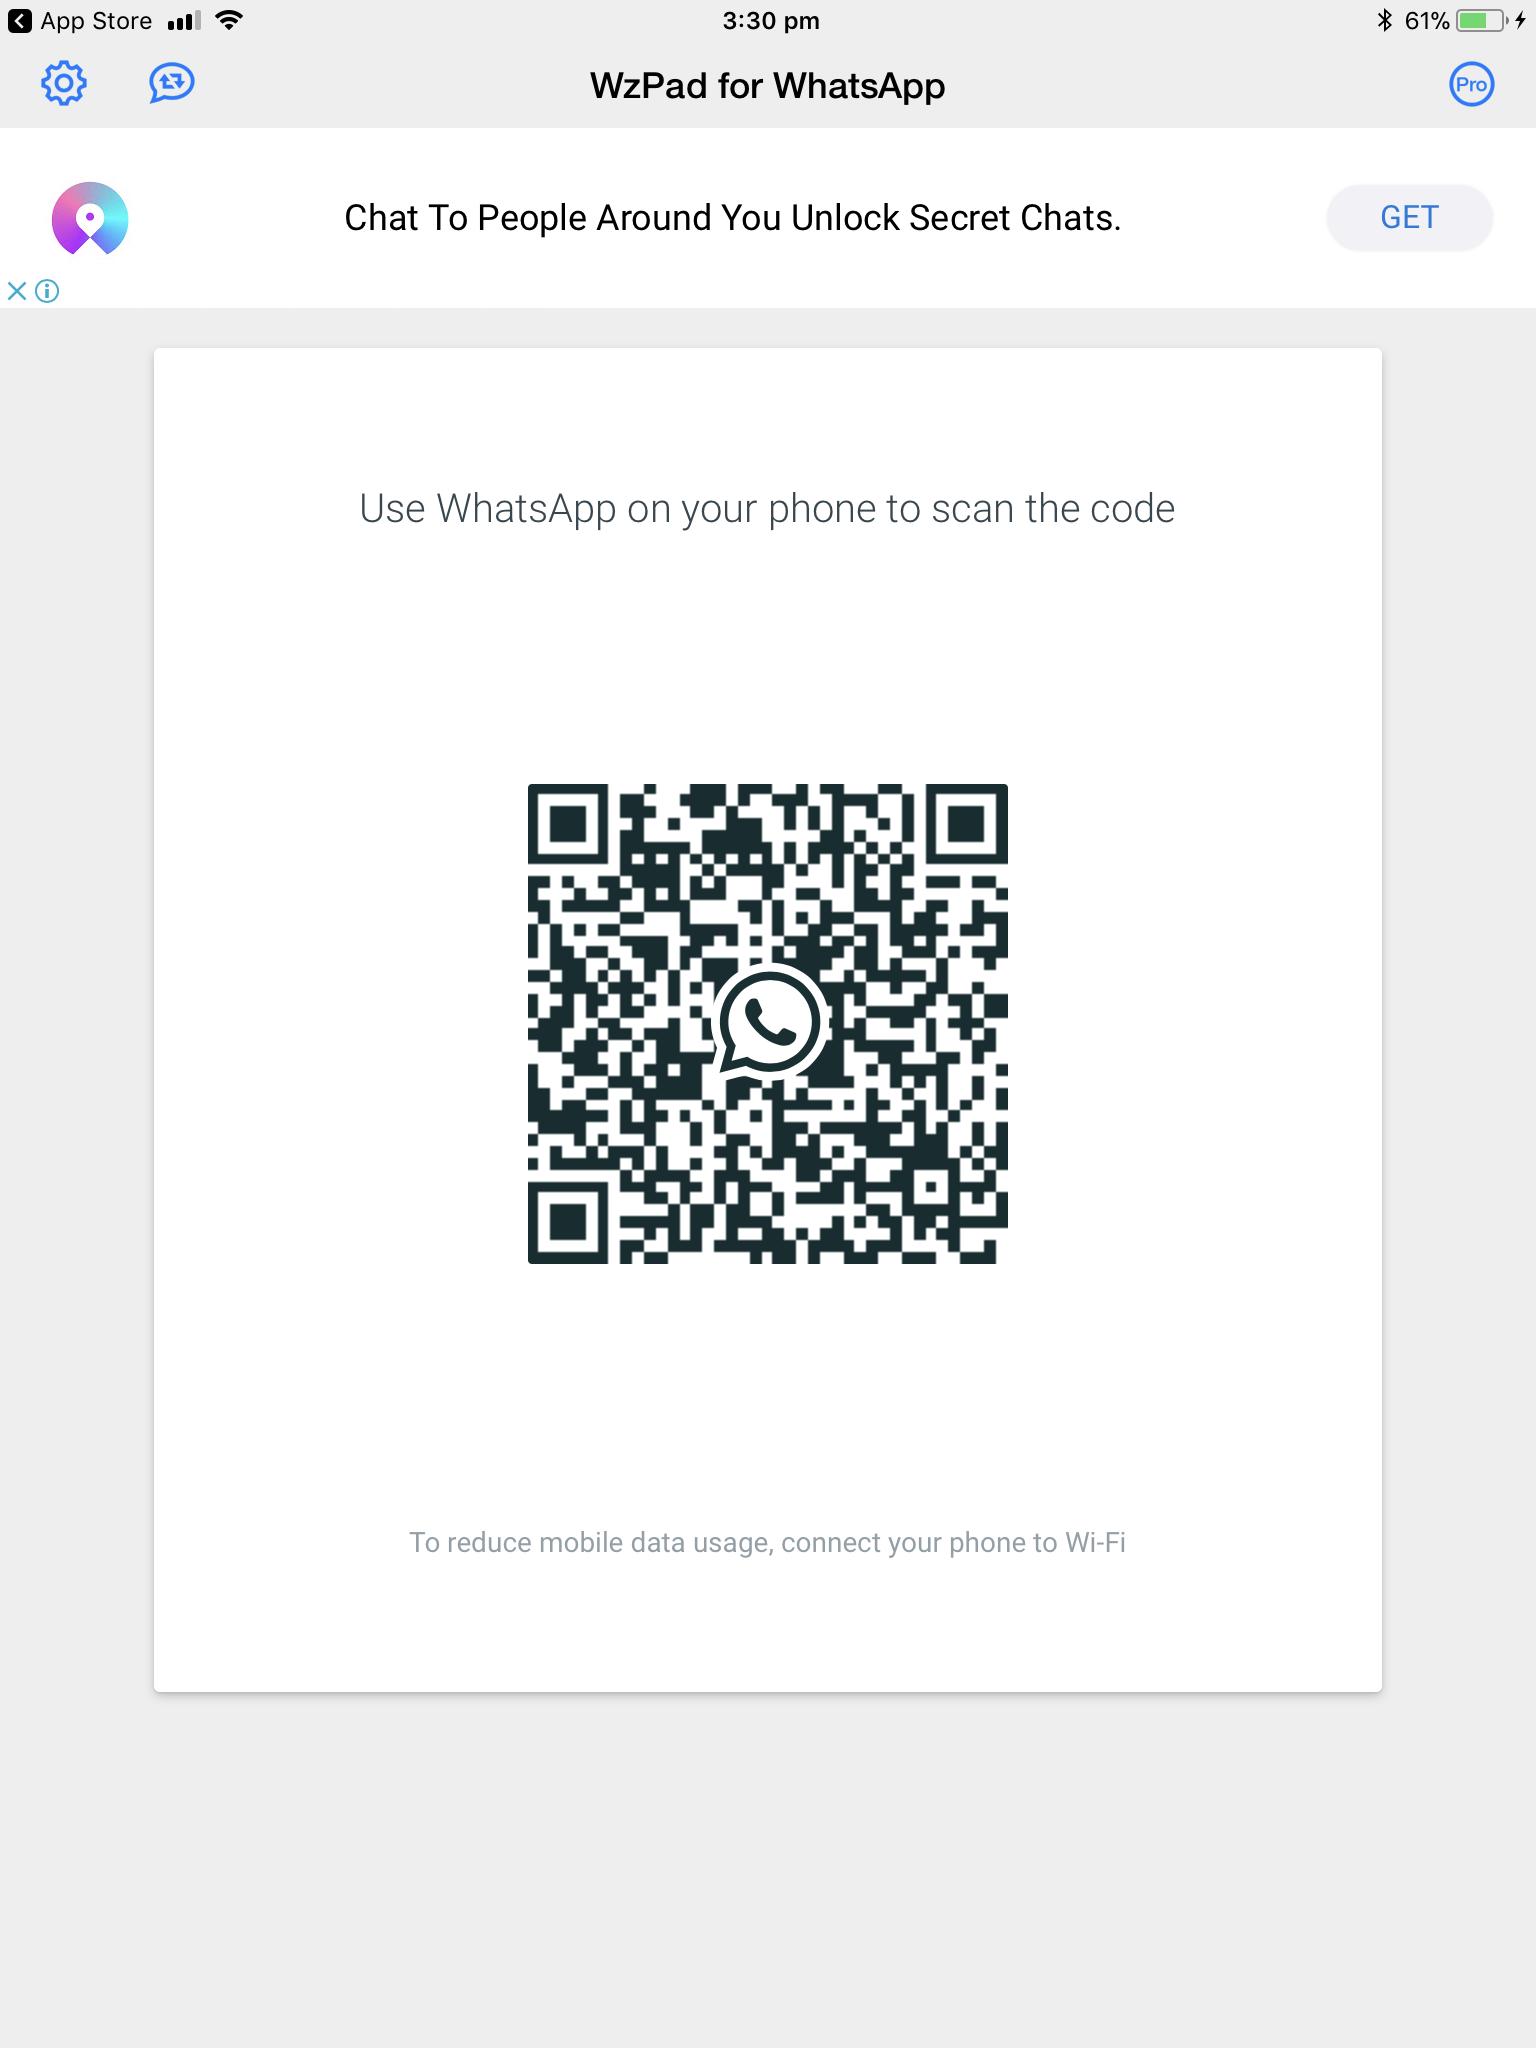 whatsapp scan app